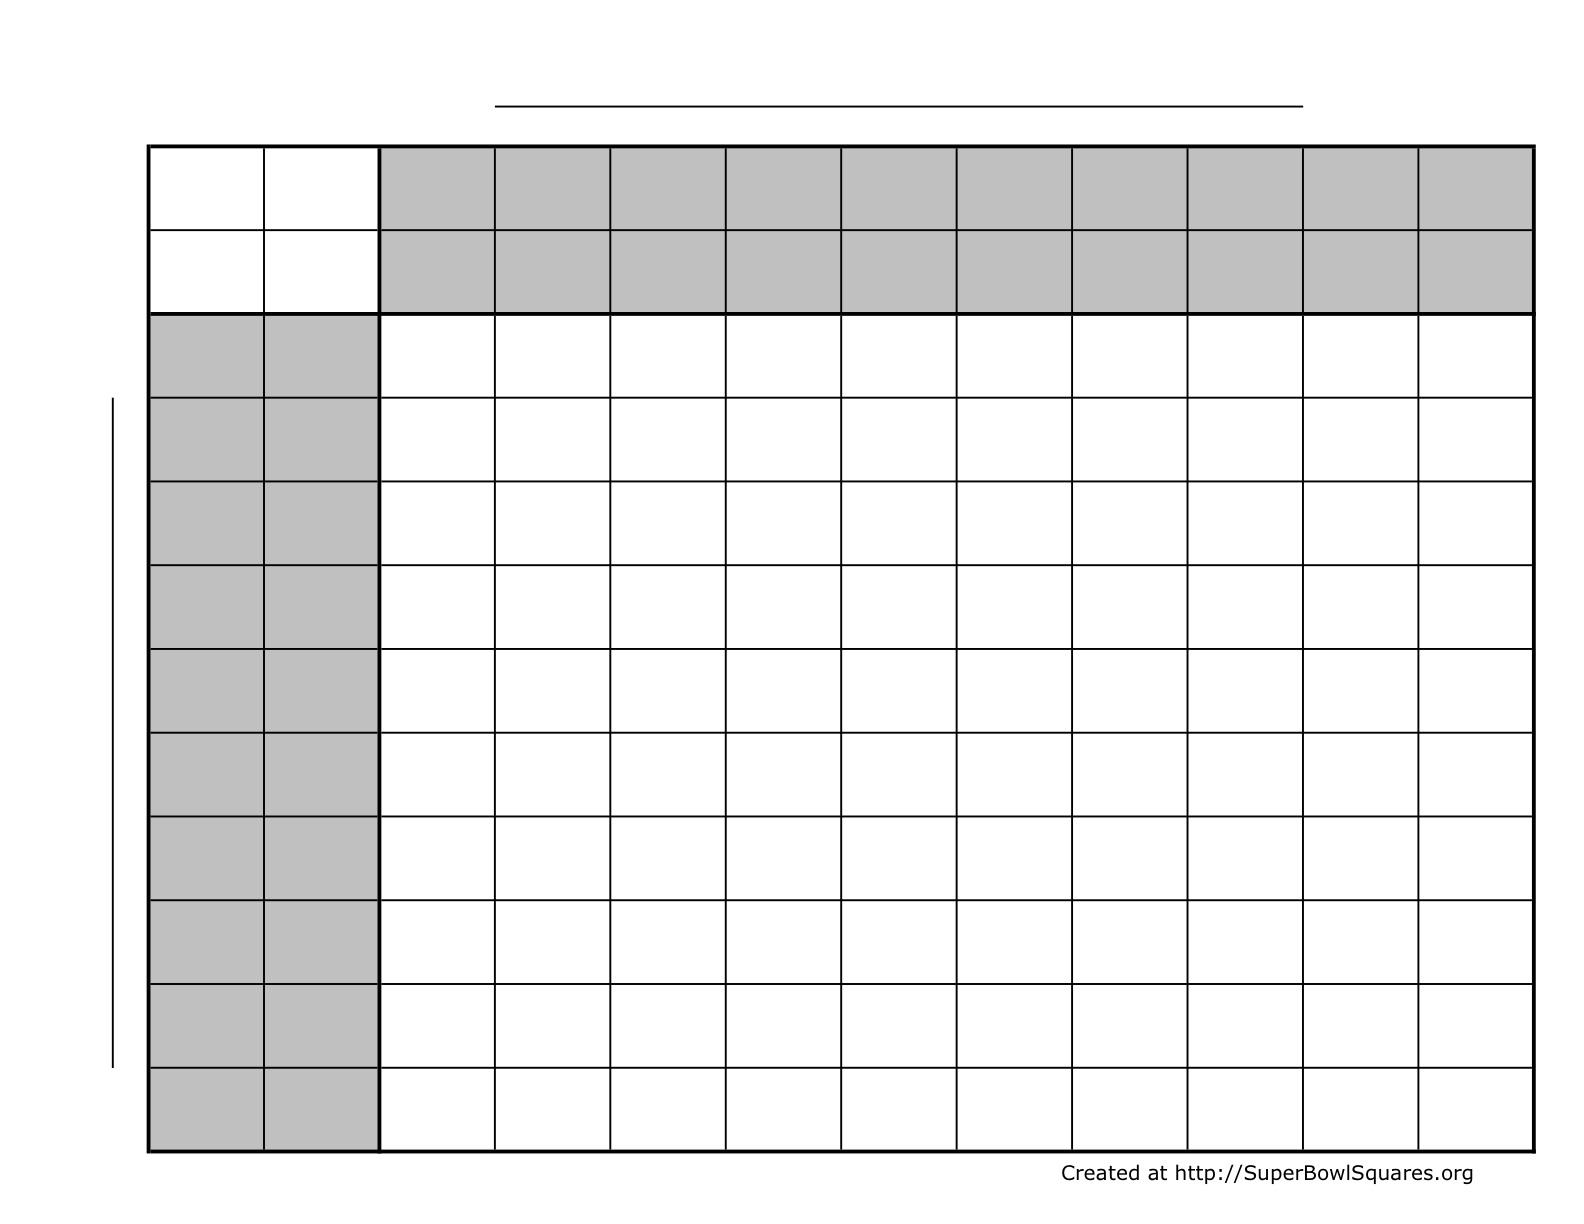 Nfl Picks Spreadsheet For Football Squares  Super Bowl Squares  Play Football Squares Online